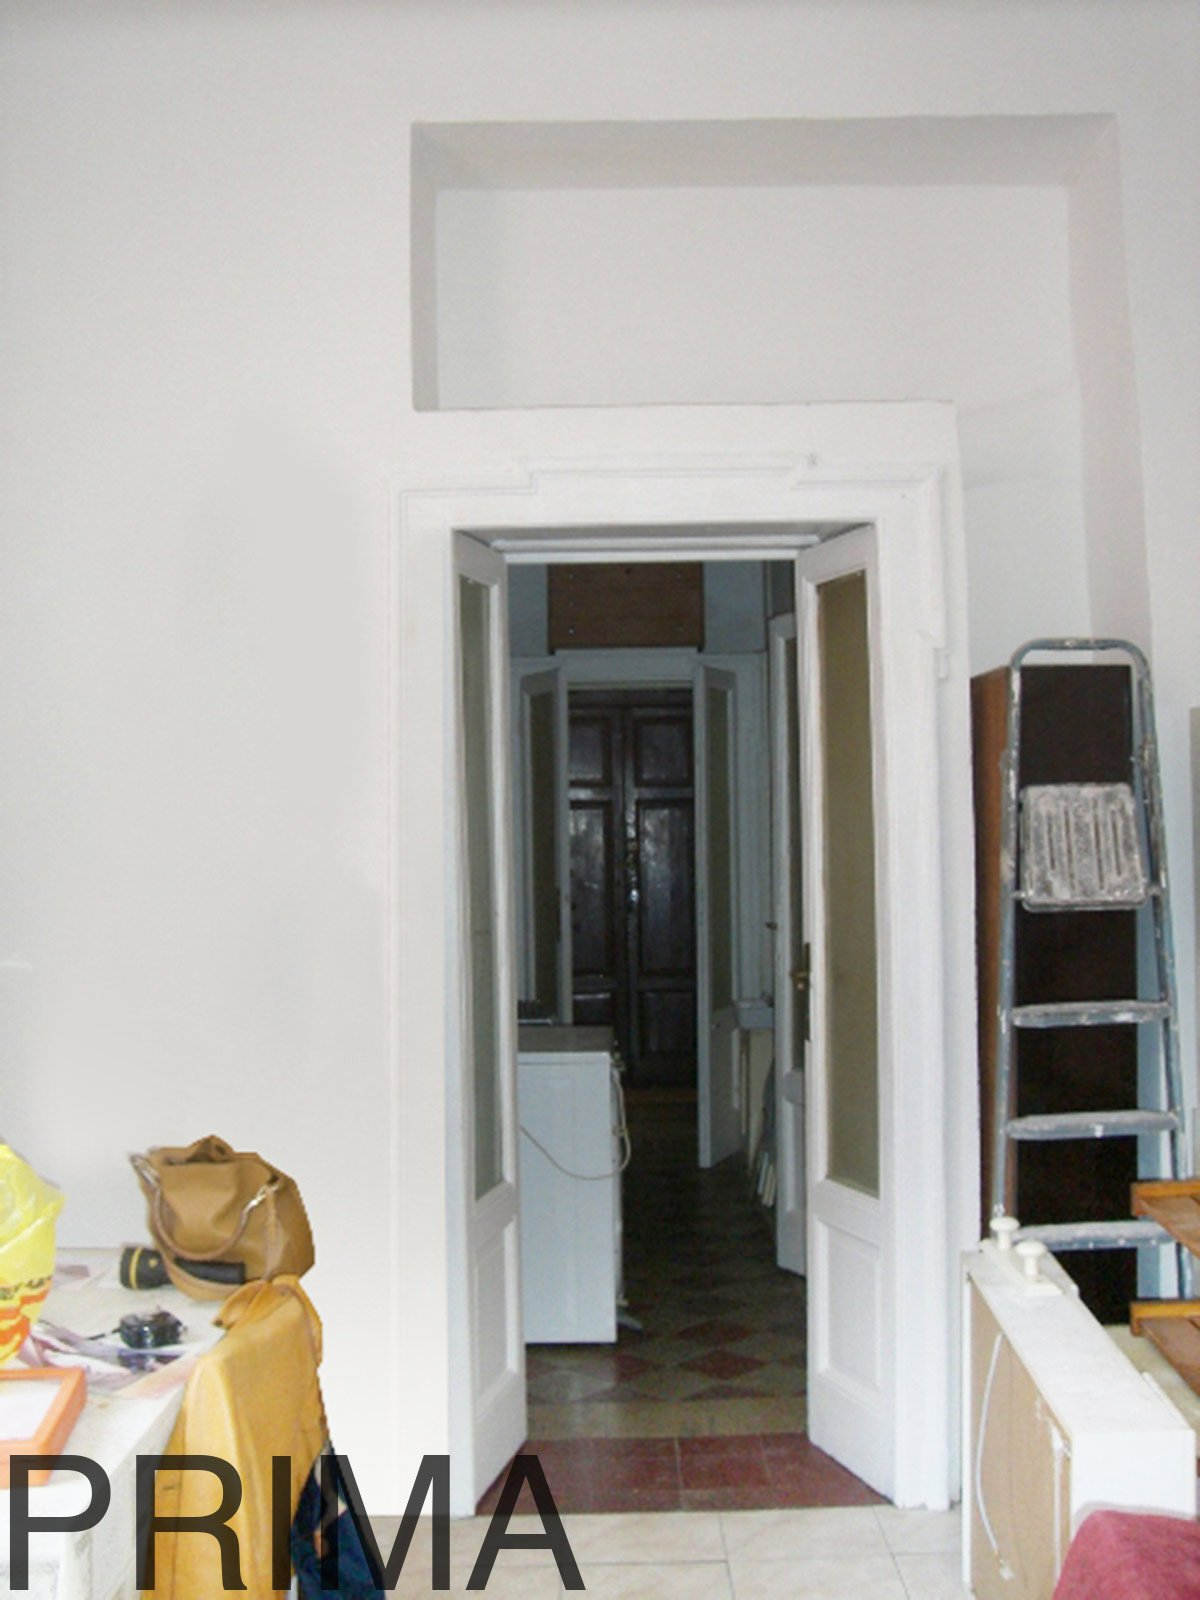 La casa per due un bilocale di classe cose di casa for Galimberti case legno